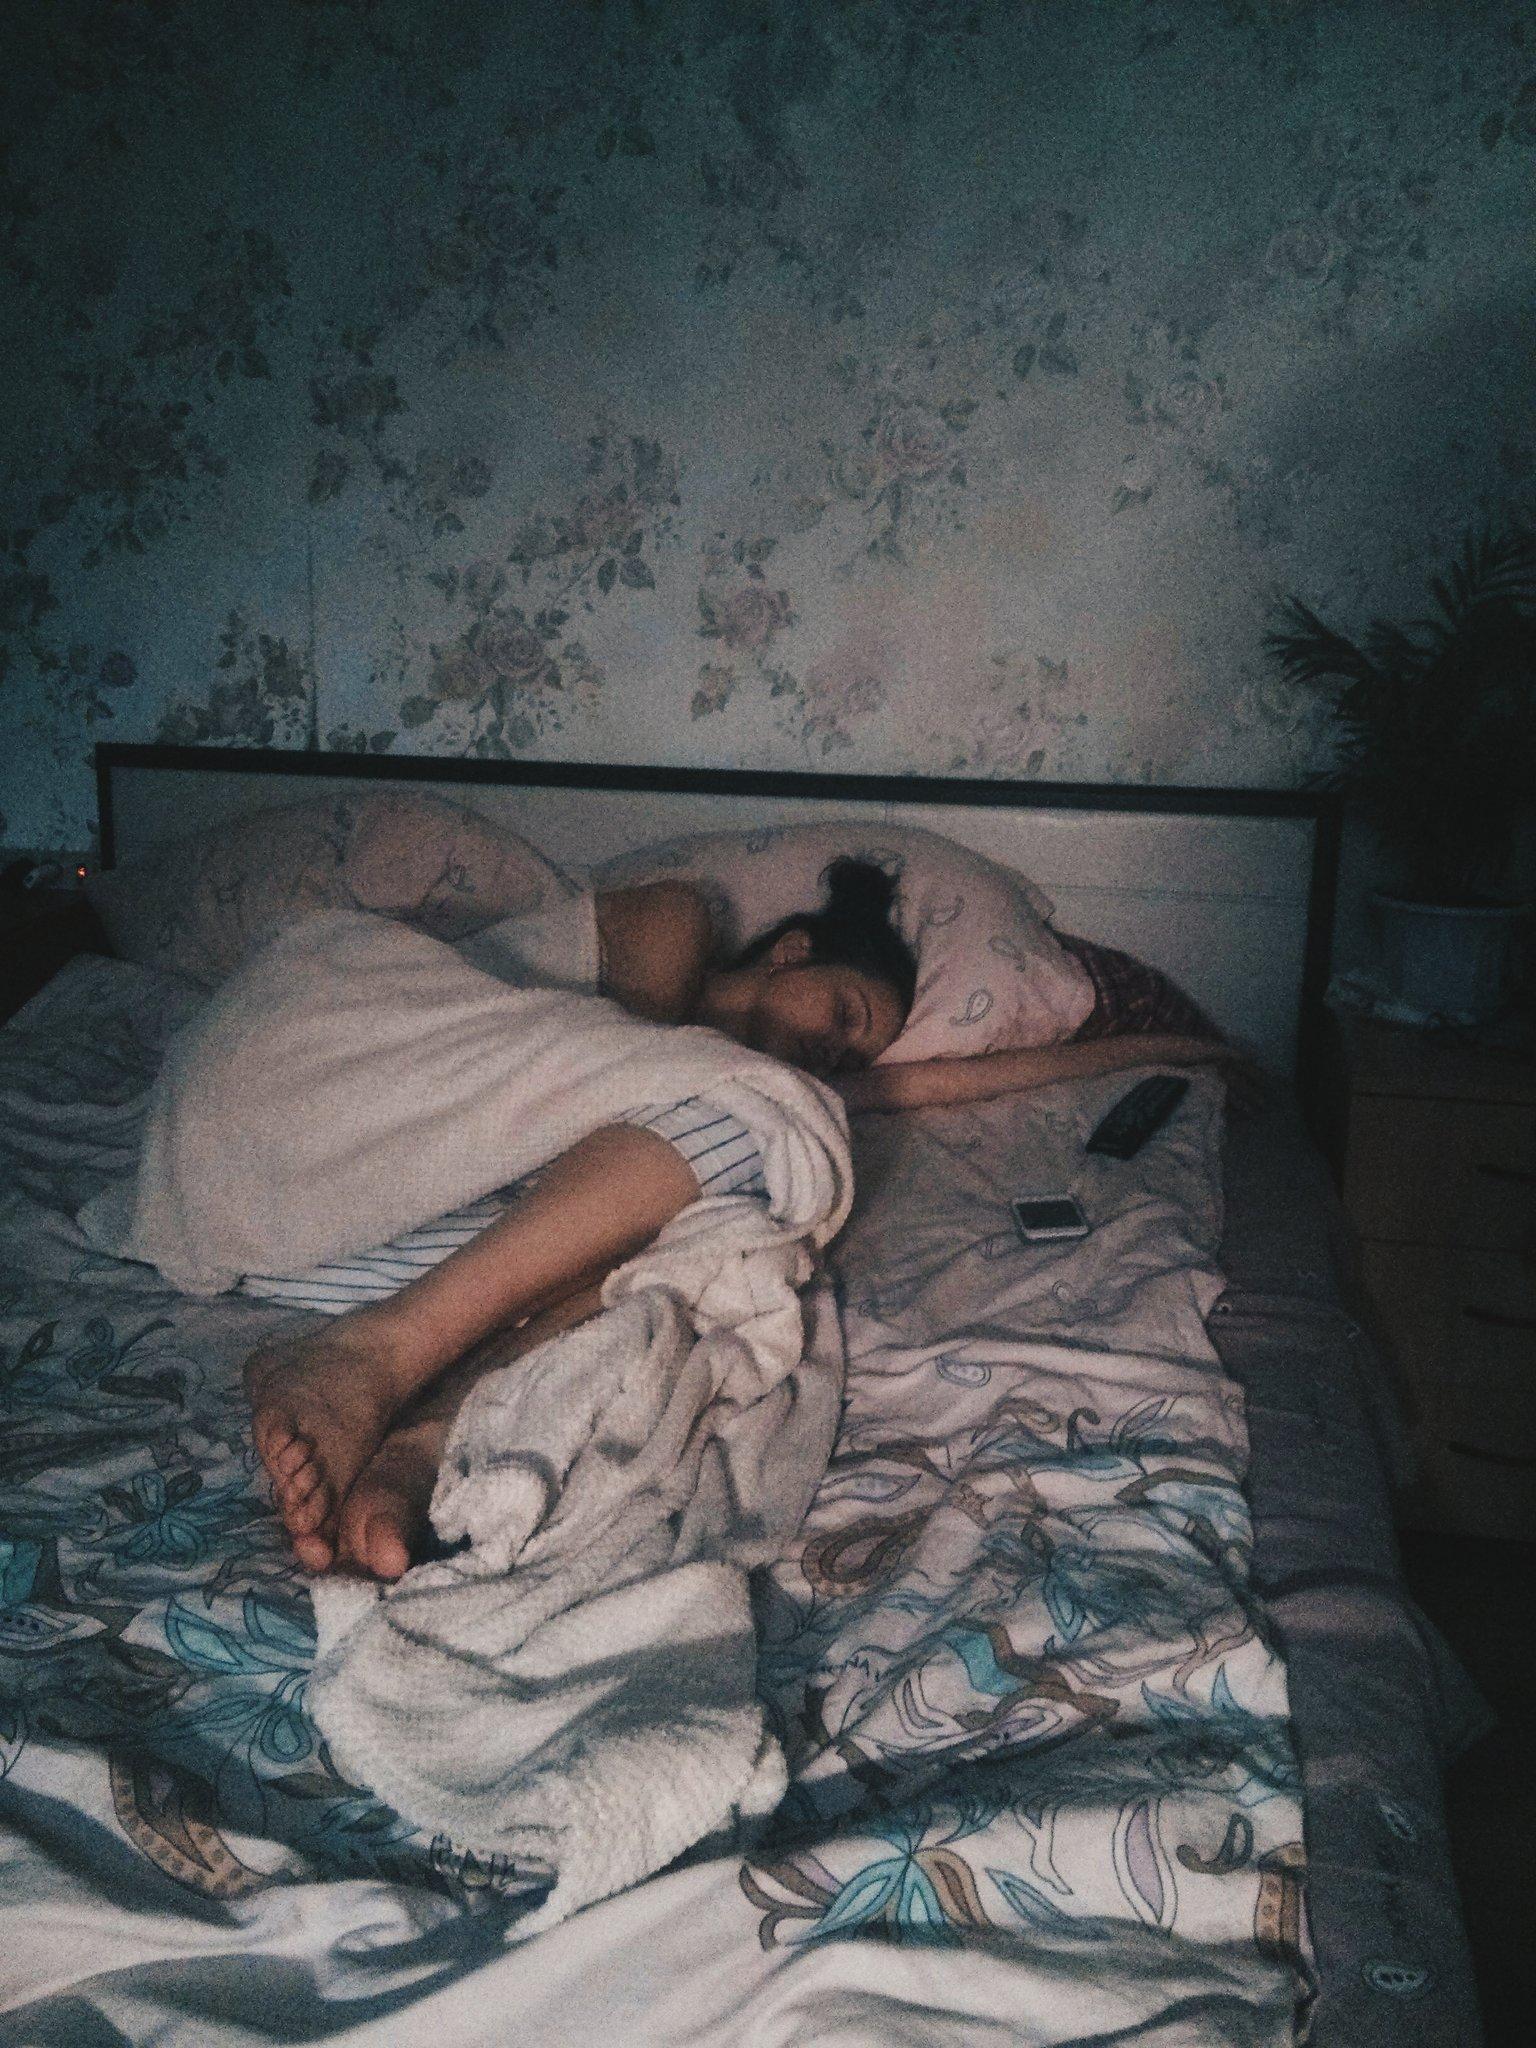 чего она спит ее фотографируют фортуна талант